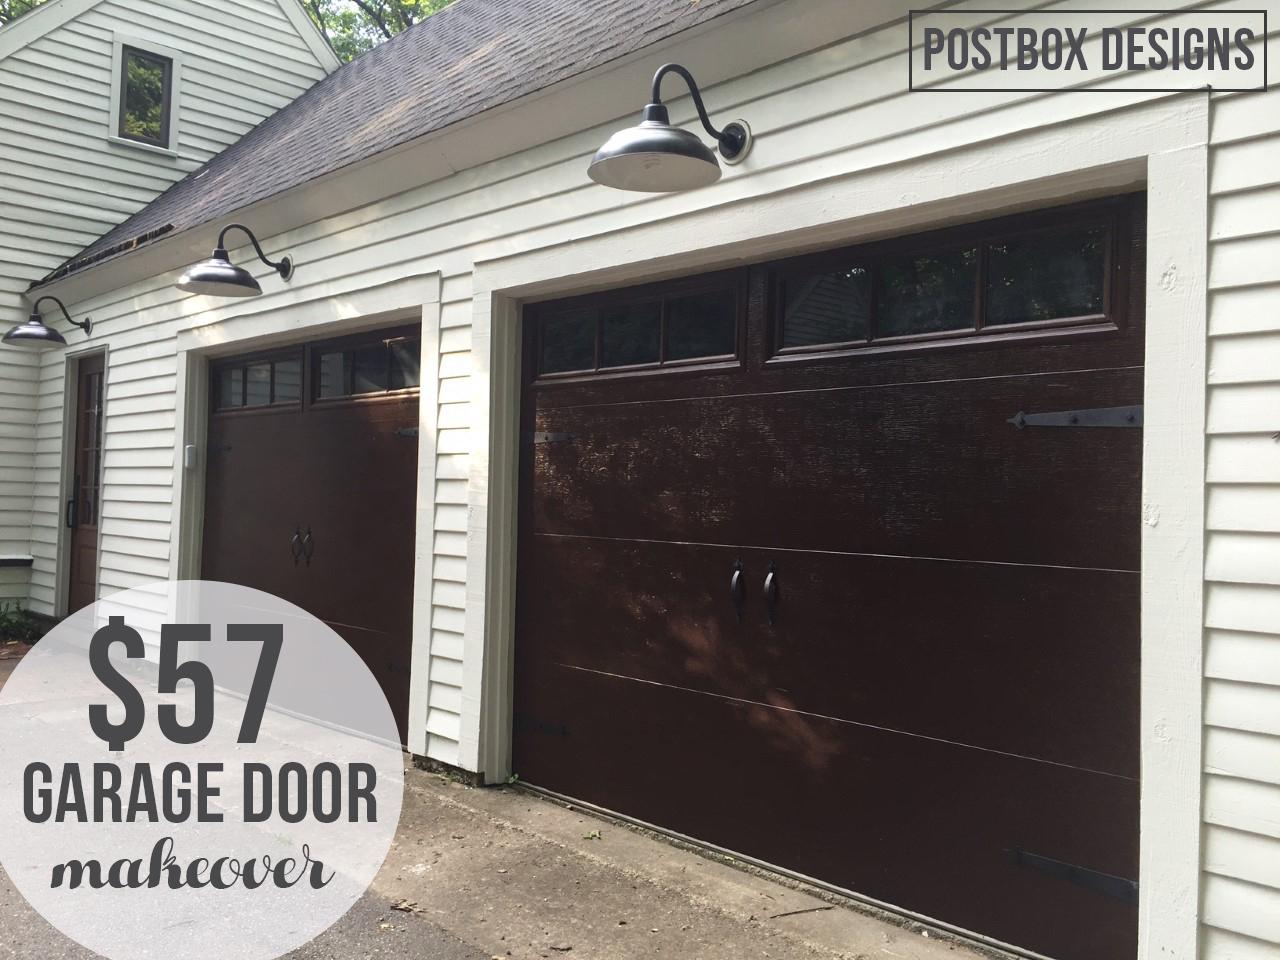 My 57 Garage Door Makeover How To Knock Off Expensive